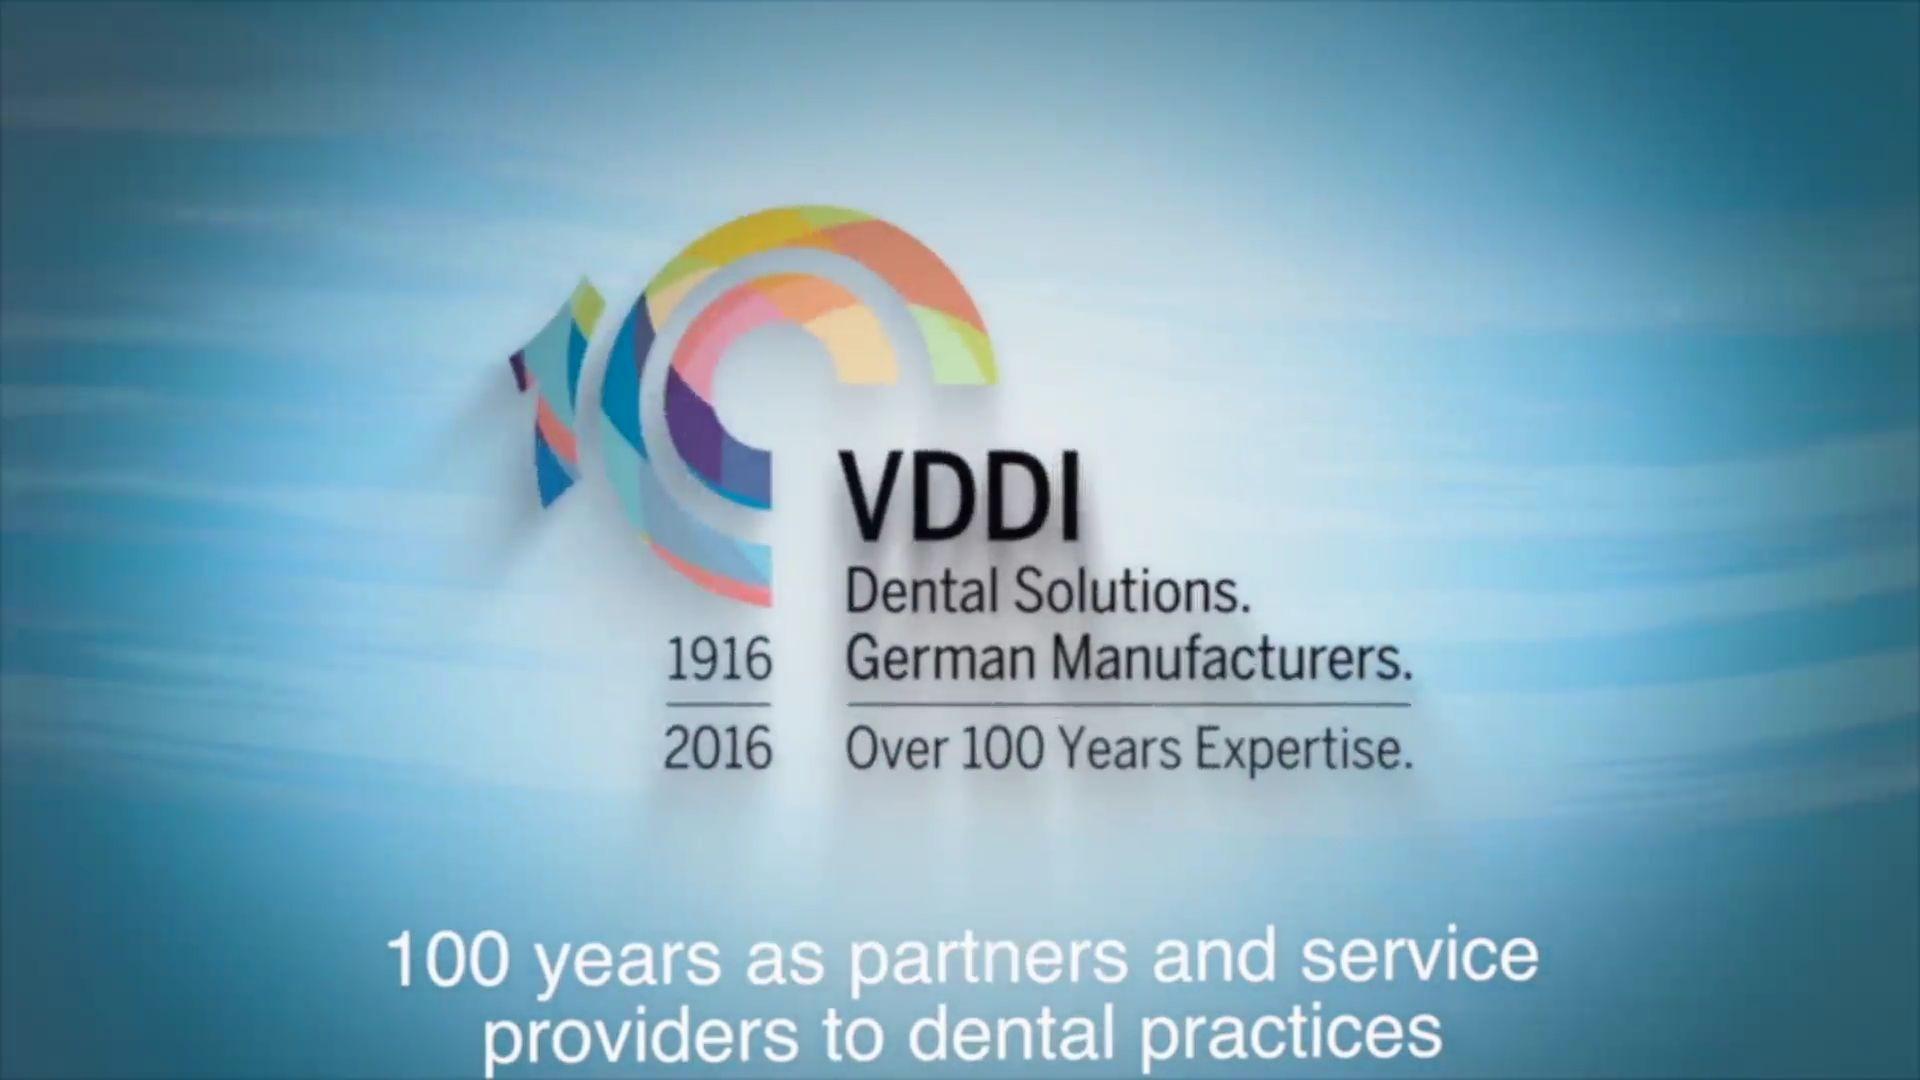 Home: VDDI e V  - Verband der Deutschen Dental-Industrie